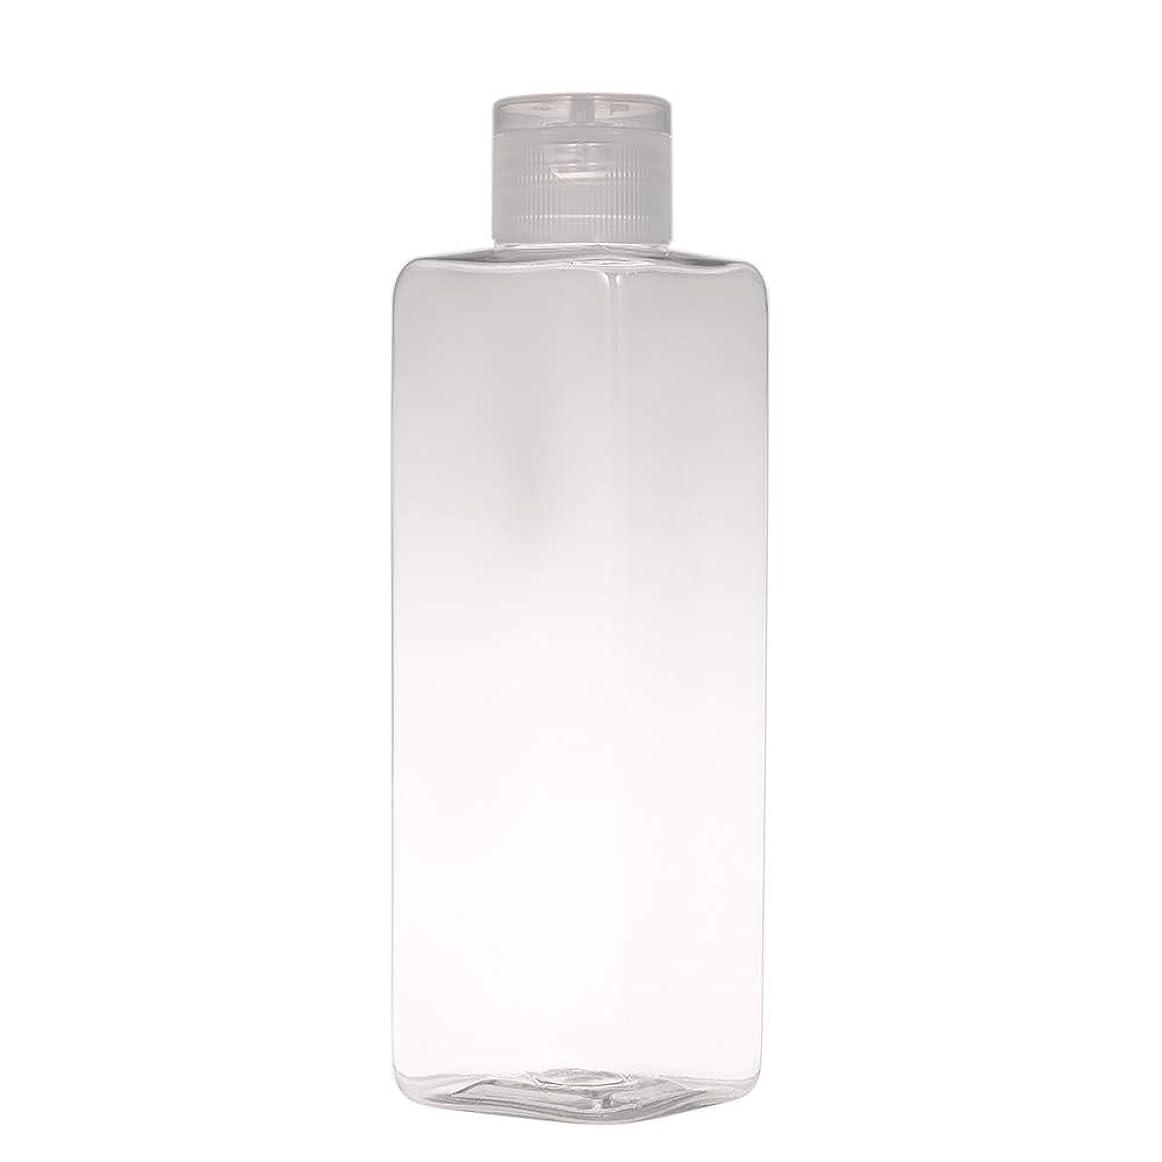 品種口径ショートDecdeal 化粧品ボトル プラスチック 詰め替え容器 250ml 化粧品 収納 旅行用品